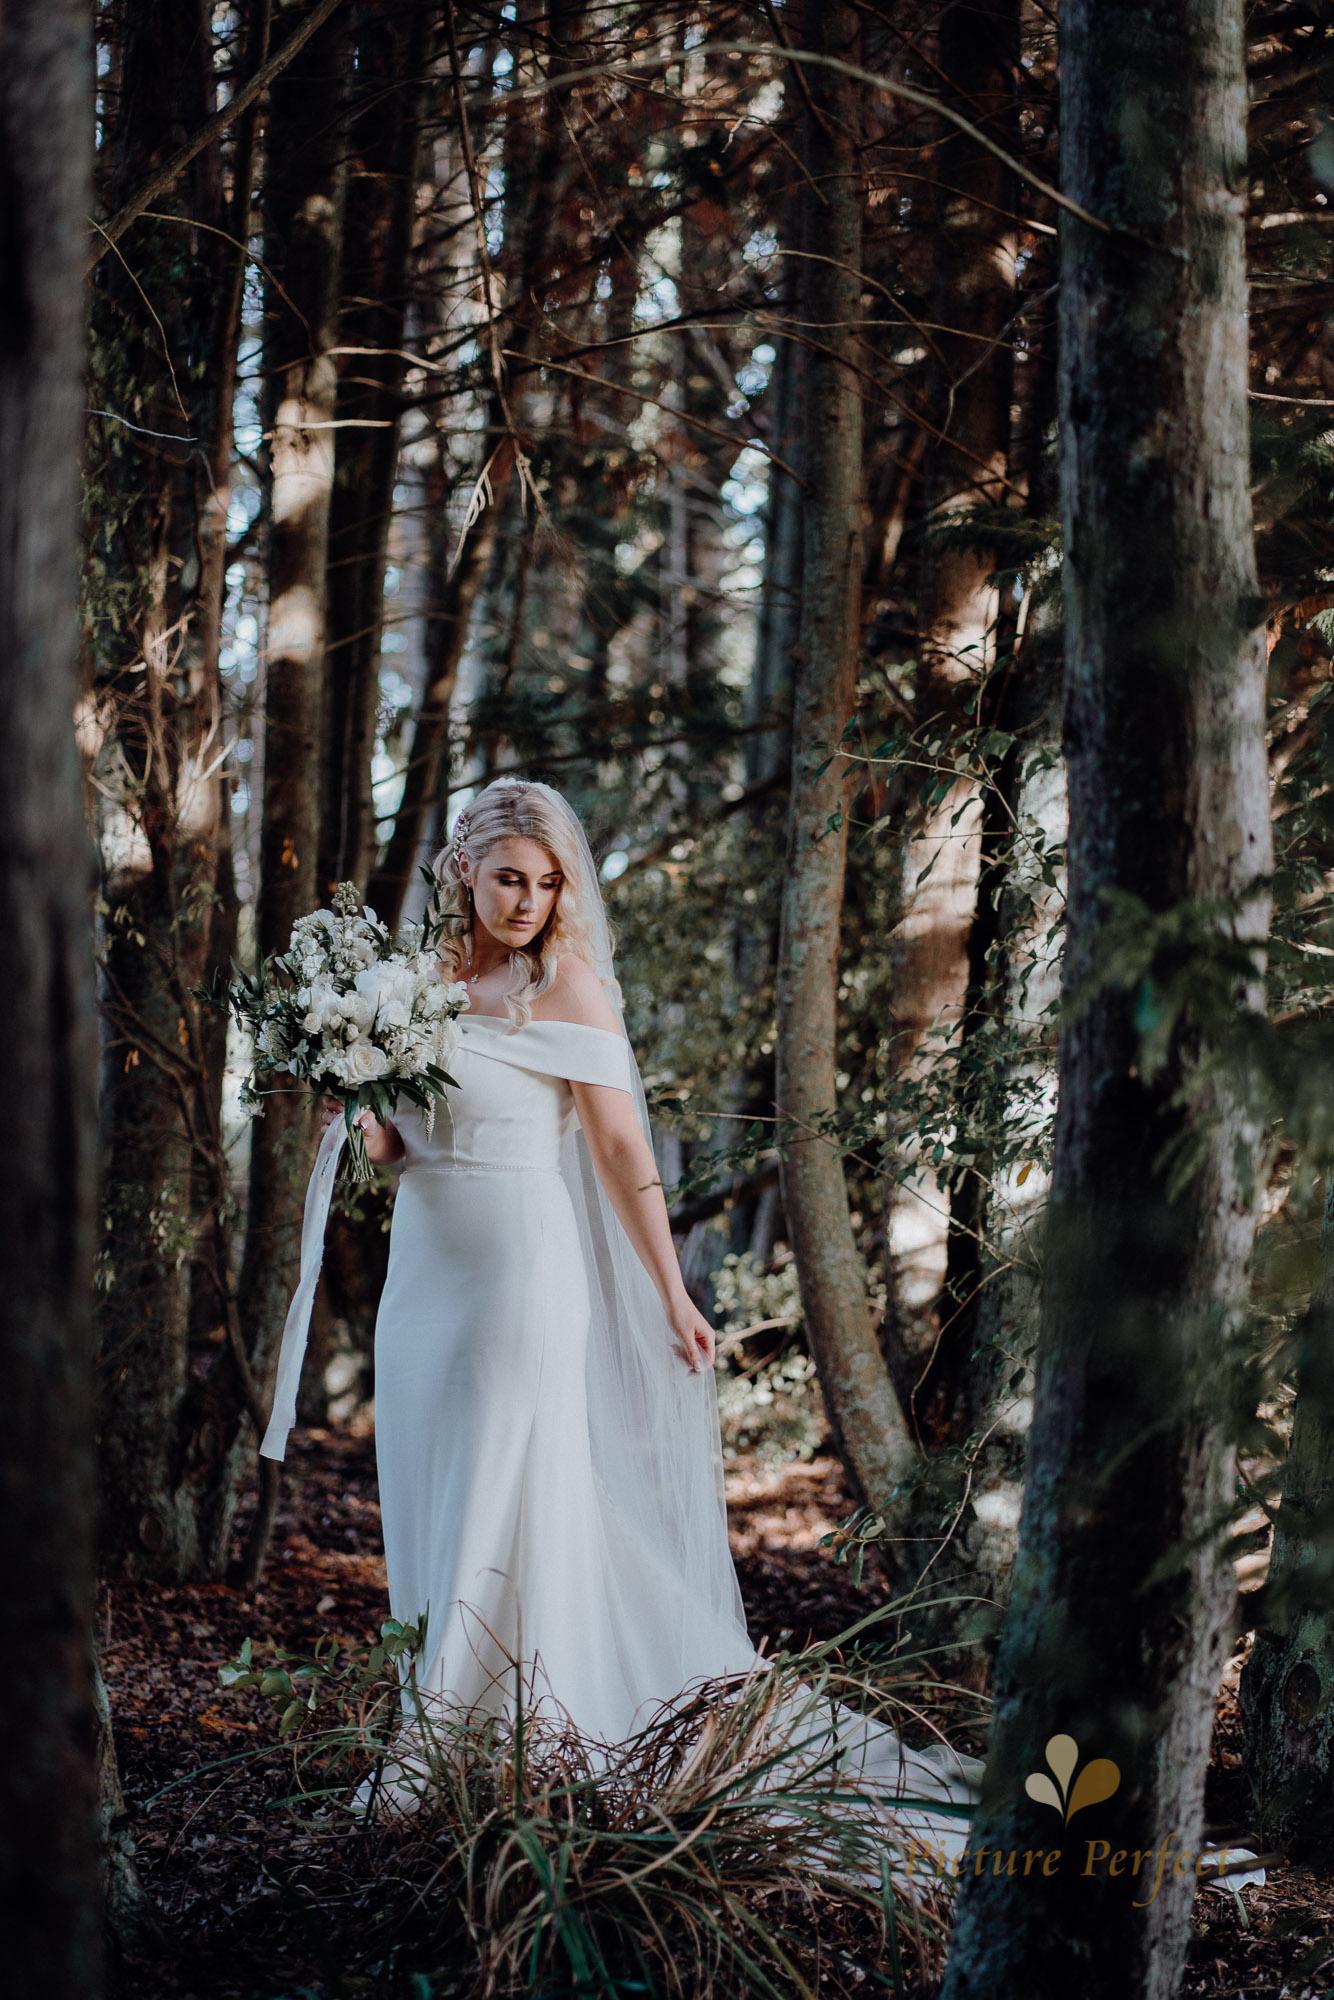 bride wearing an elegant white dress